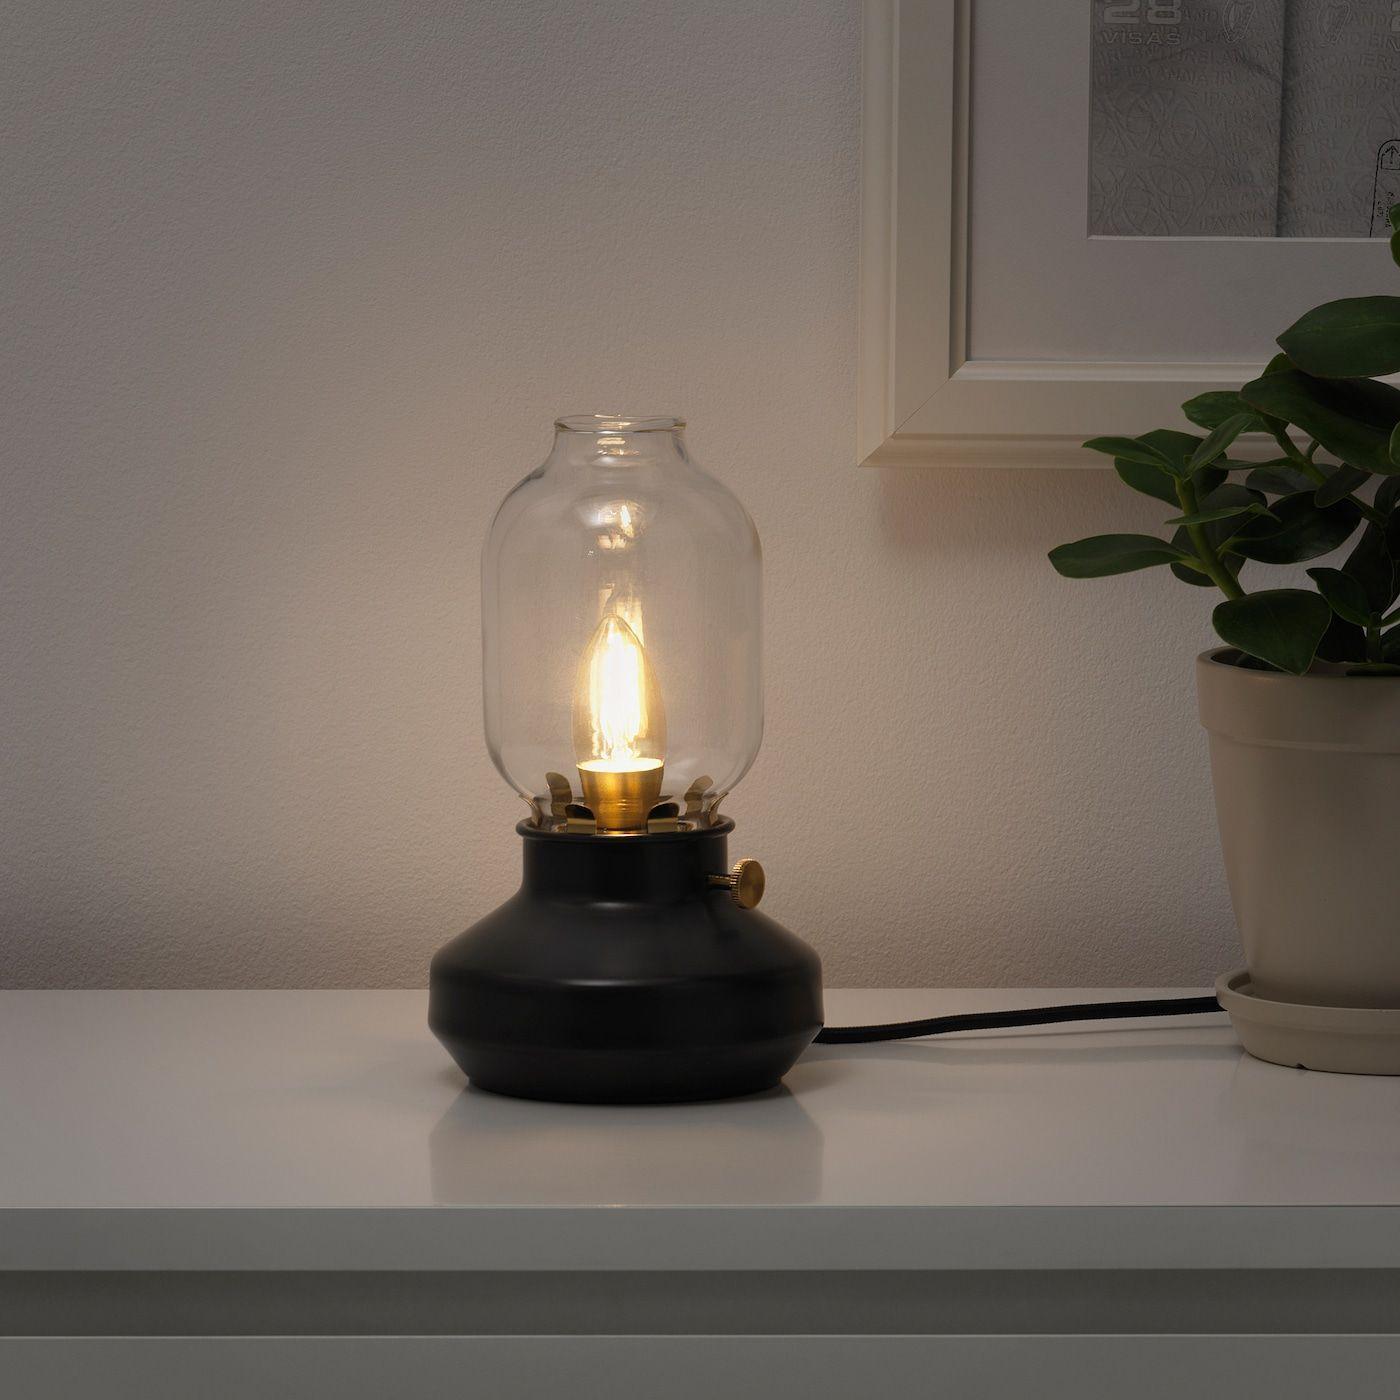 Tarnaby Tischleuchte Anthrazit Ikea Osterreich In 2020 Led Lampe Led Leuchtmittel Ikea Tischlampe